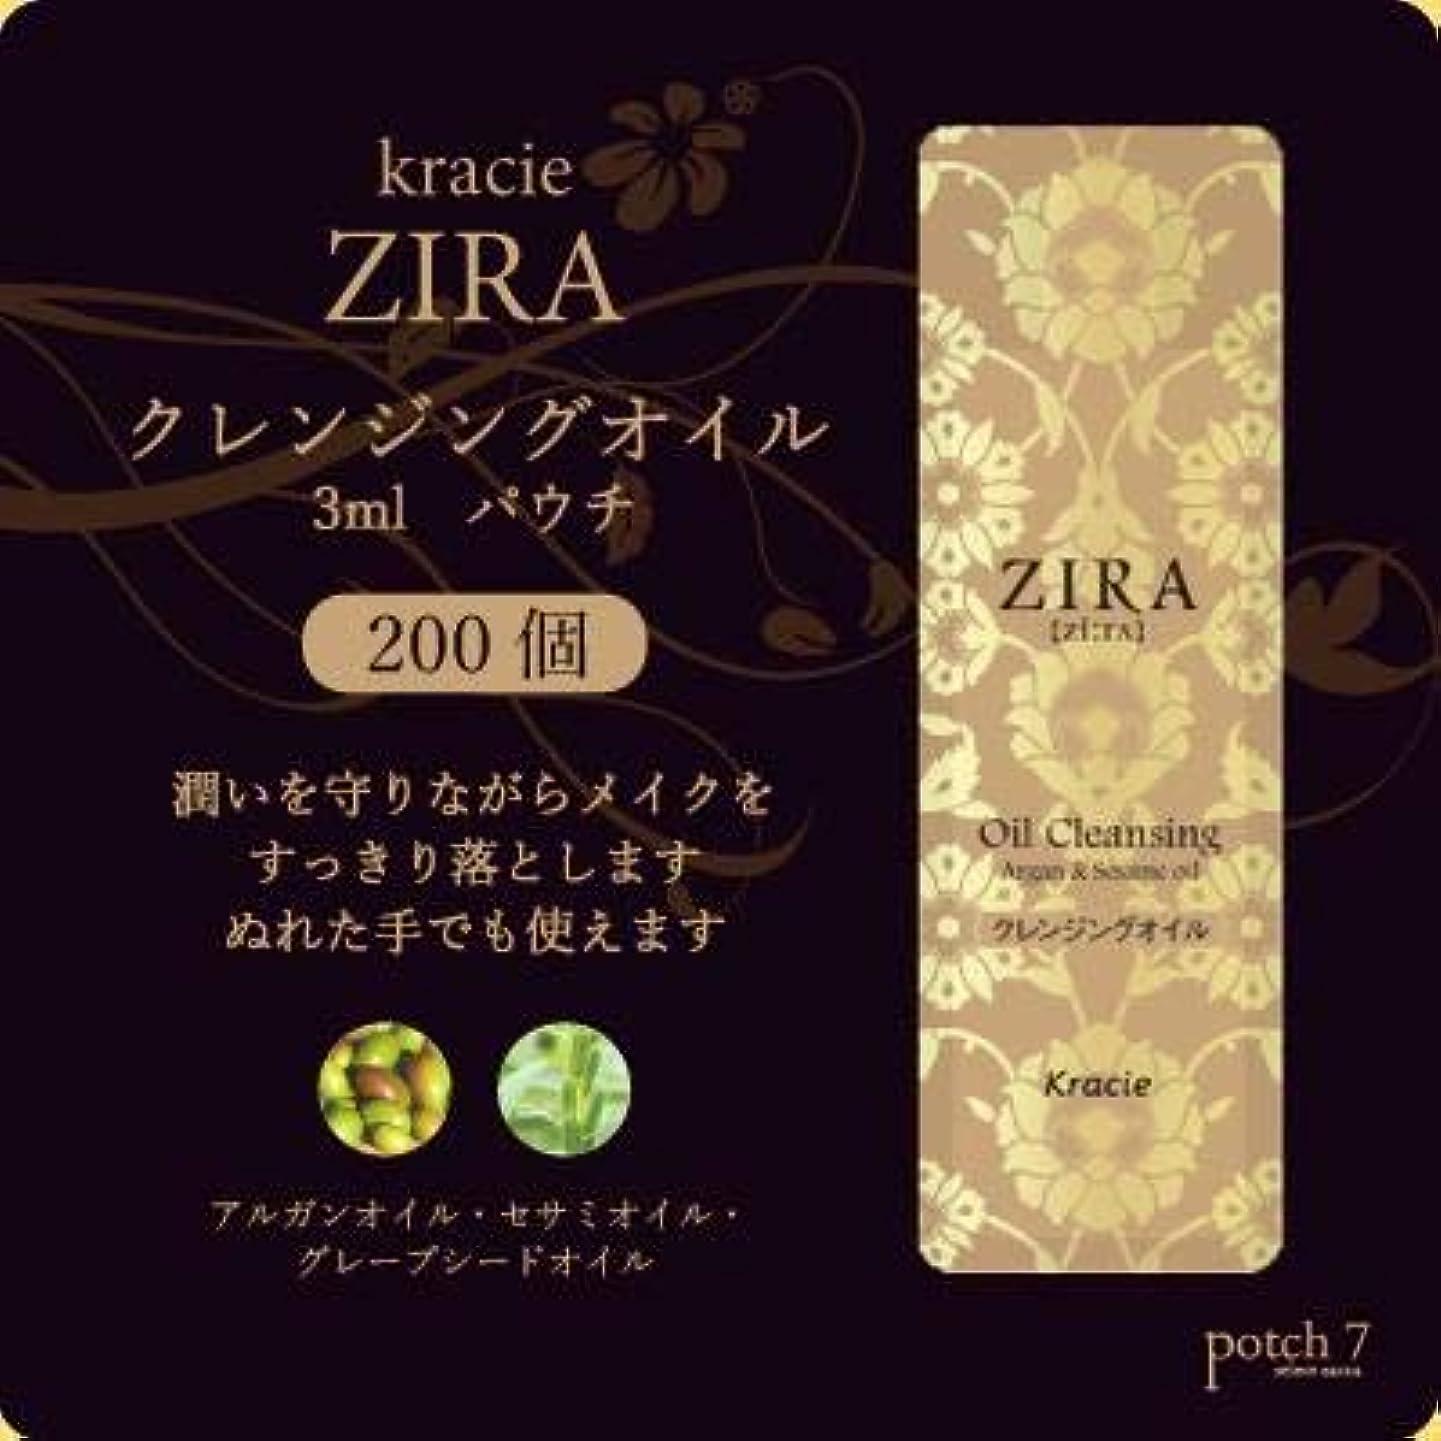 追加サーキュレーション排他的Kracie クラシエ ZIRA ジーラ クレンジングオイル パウチ 3ml 200個入